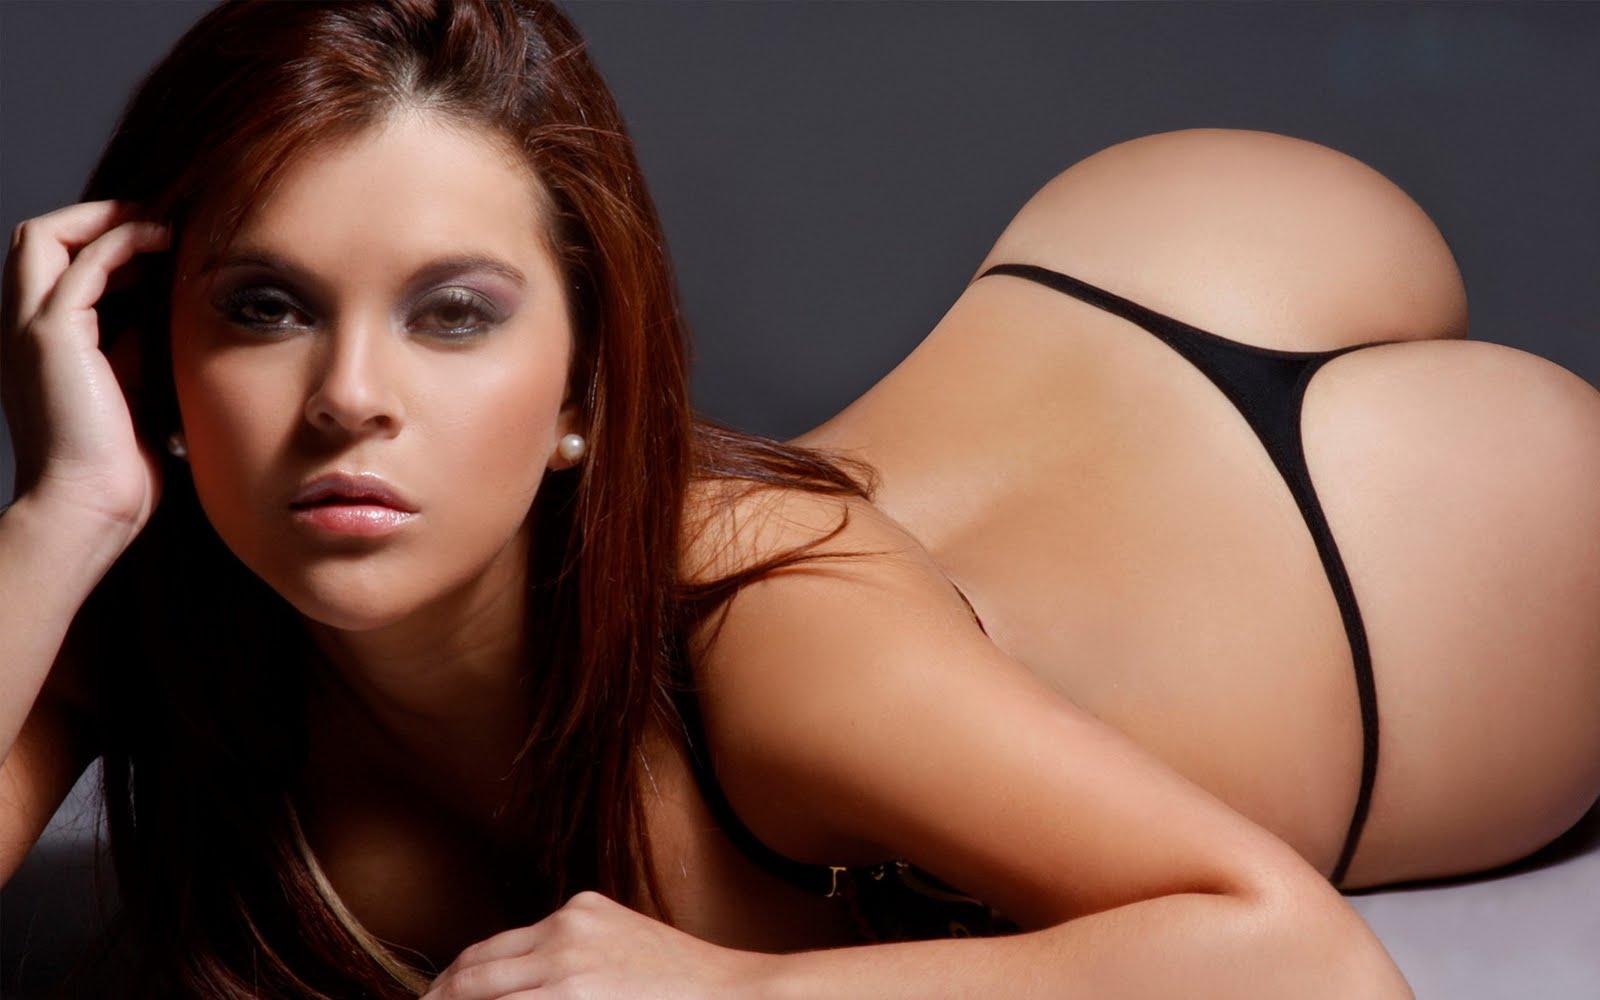 Секс порна красивые ролики, Порно Красивый секс -видео. Смотреть порно 2 фотография